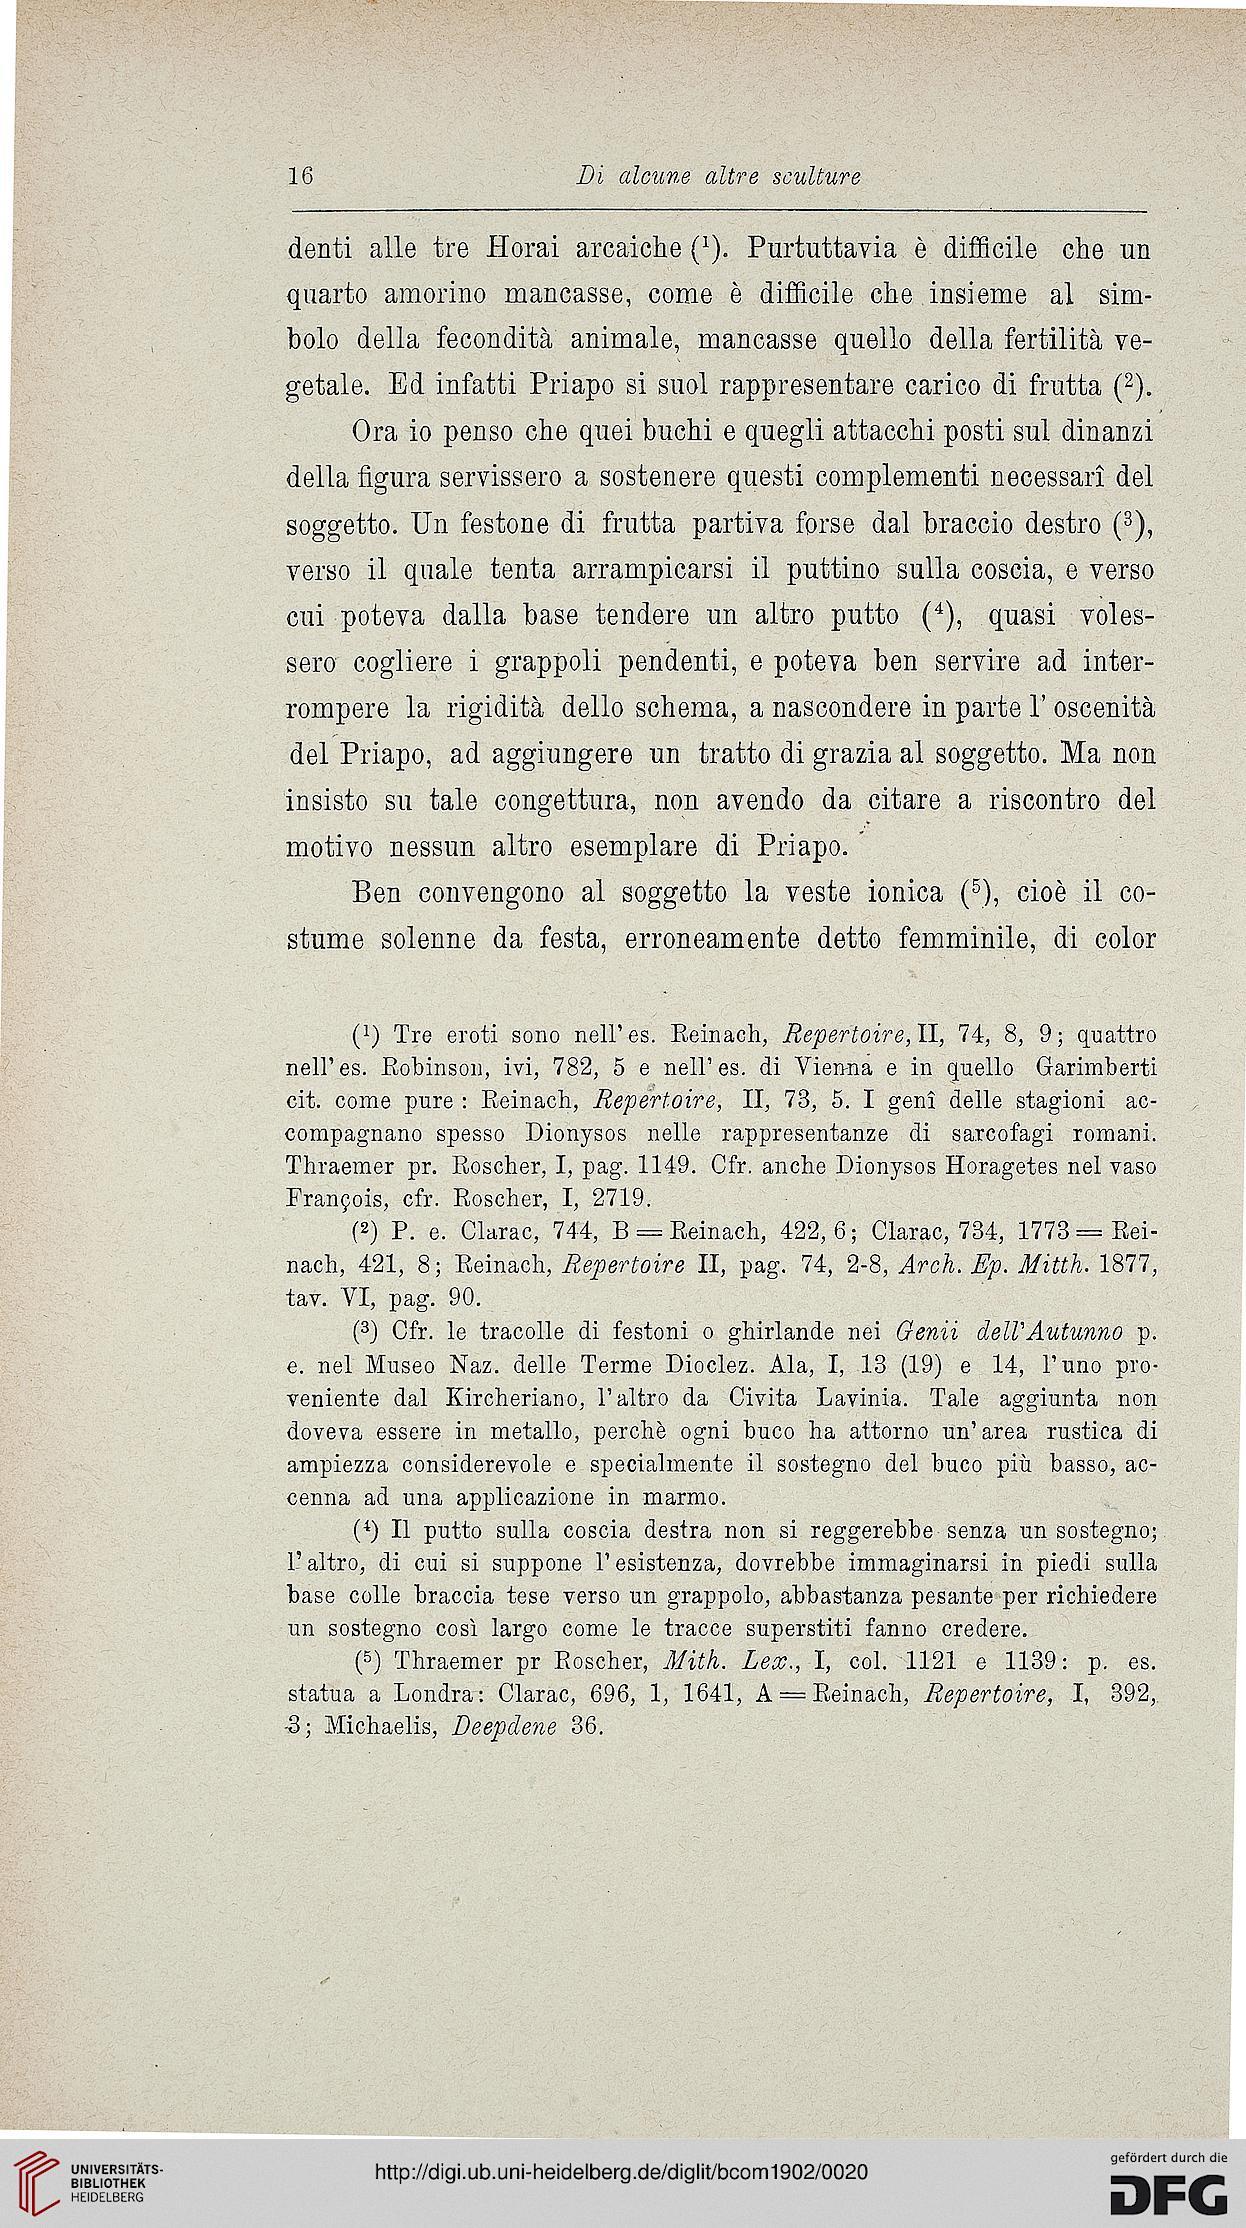 Bullettino Della Commissione Archeologica Comunale Di Roma 301902